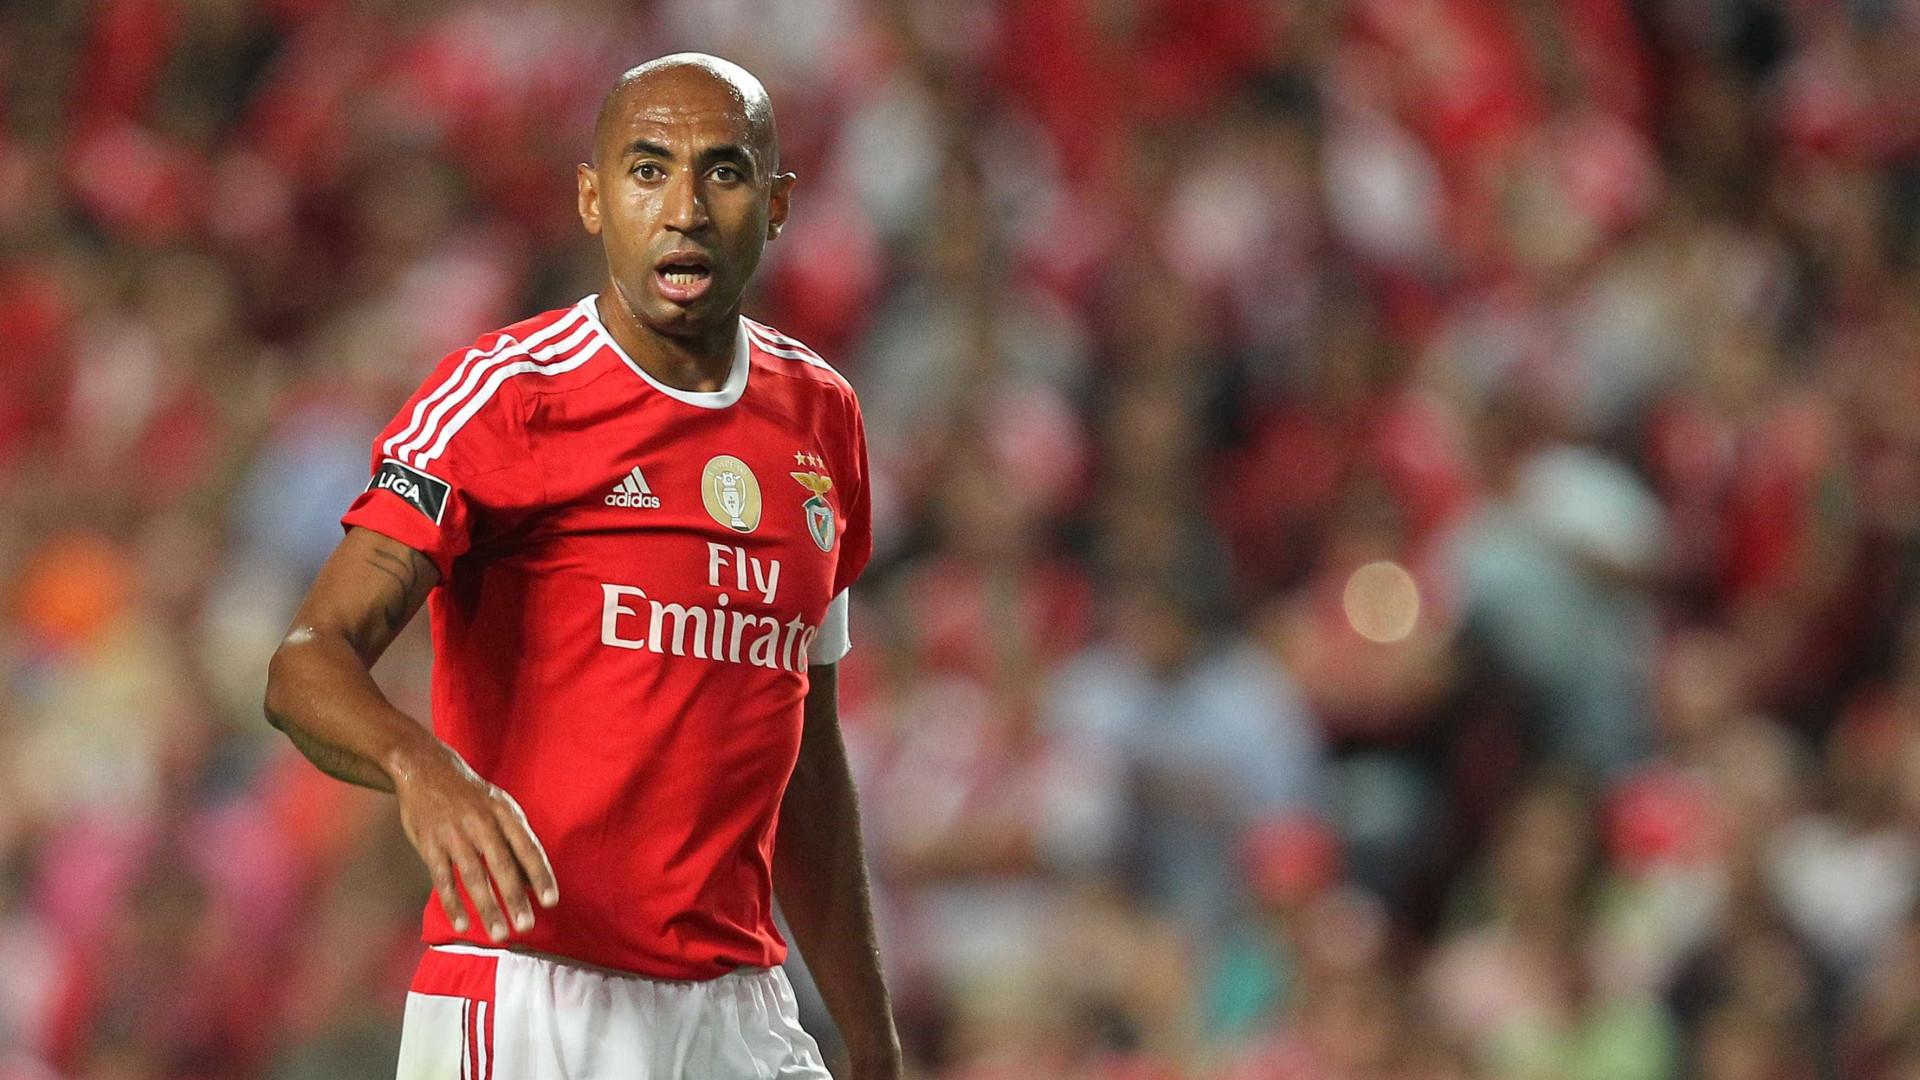 O maior campeão da história do Benfica é brasileiro: Luisão